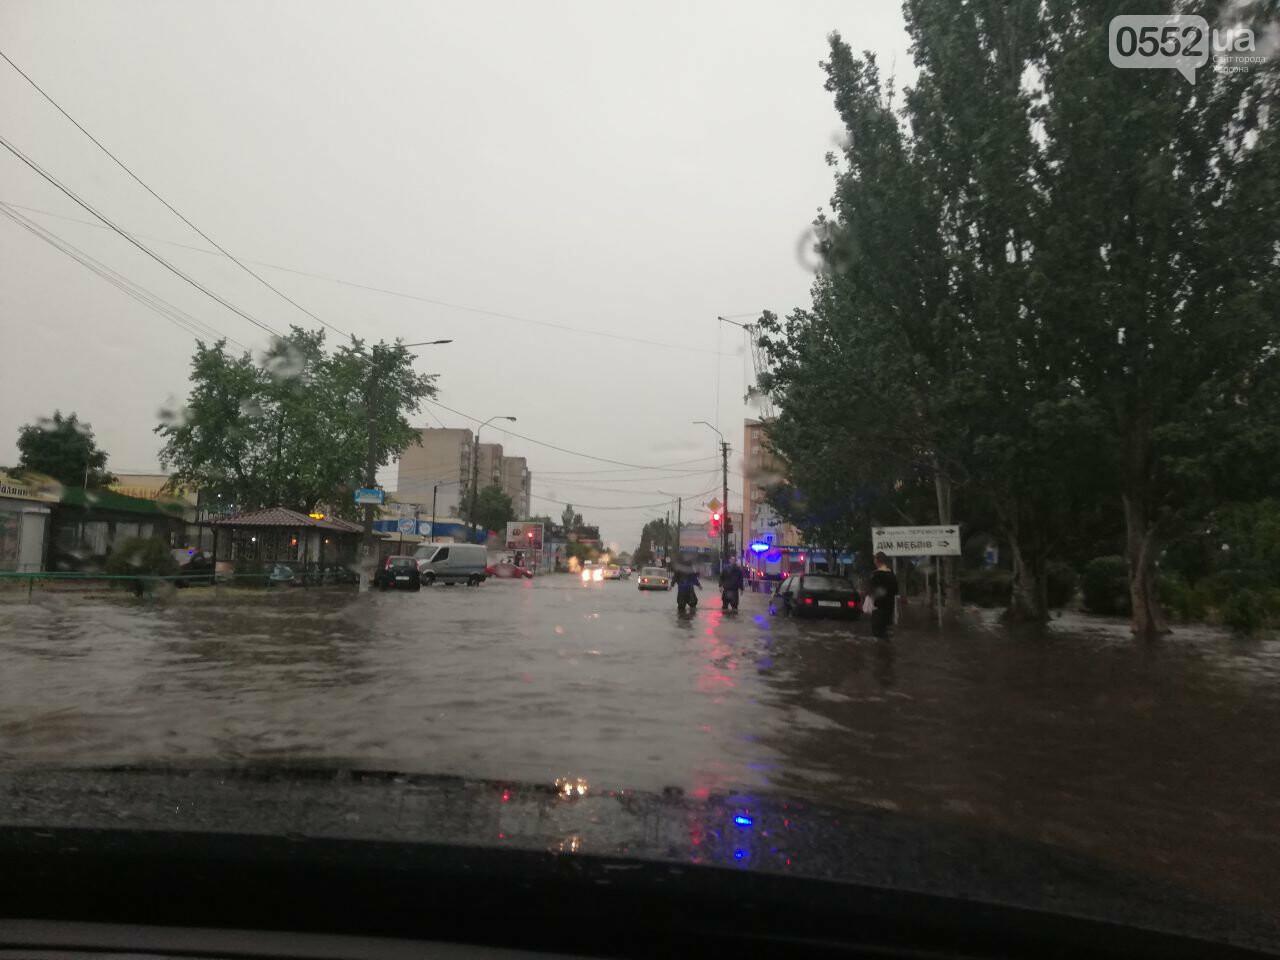 На Херсонщине ураганный ветер сорвал крыши с 50 домов и повалил свыше 100 деревьев, фото-3